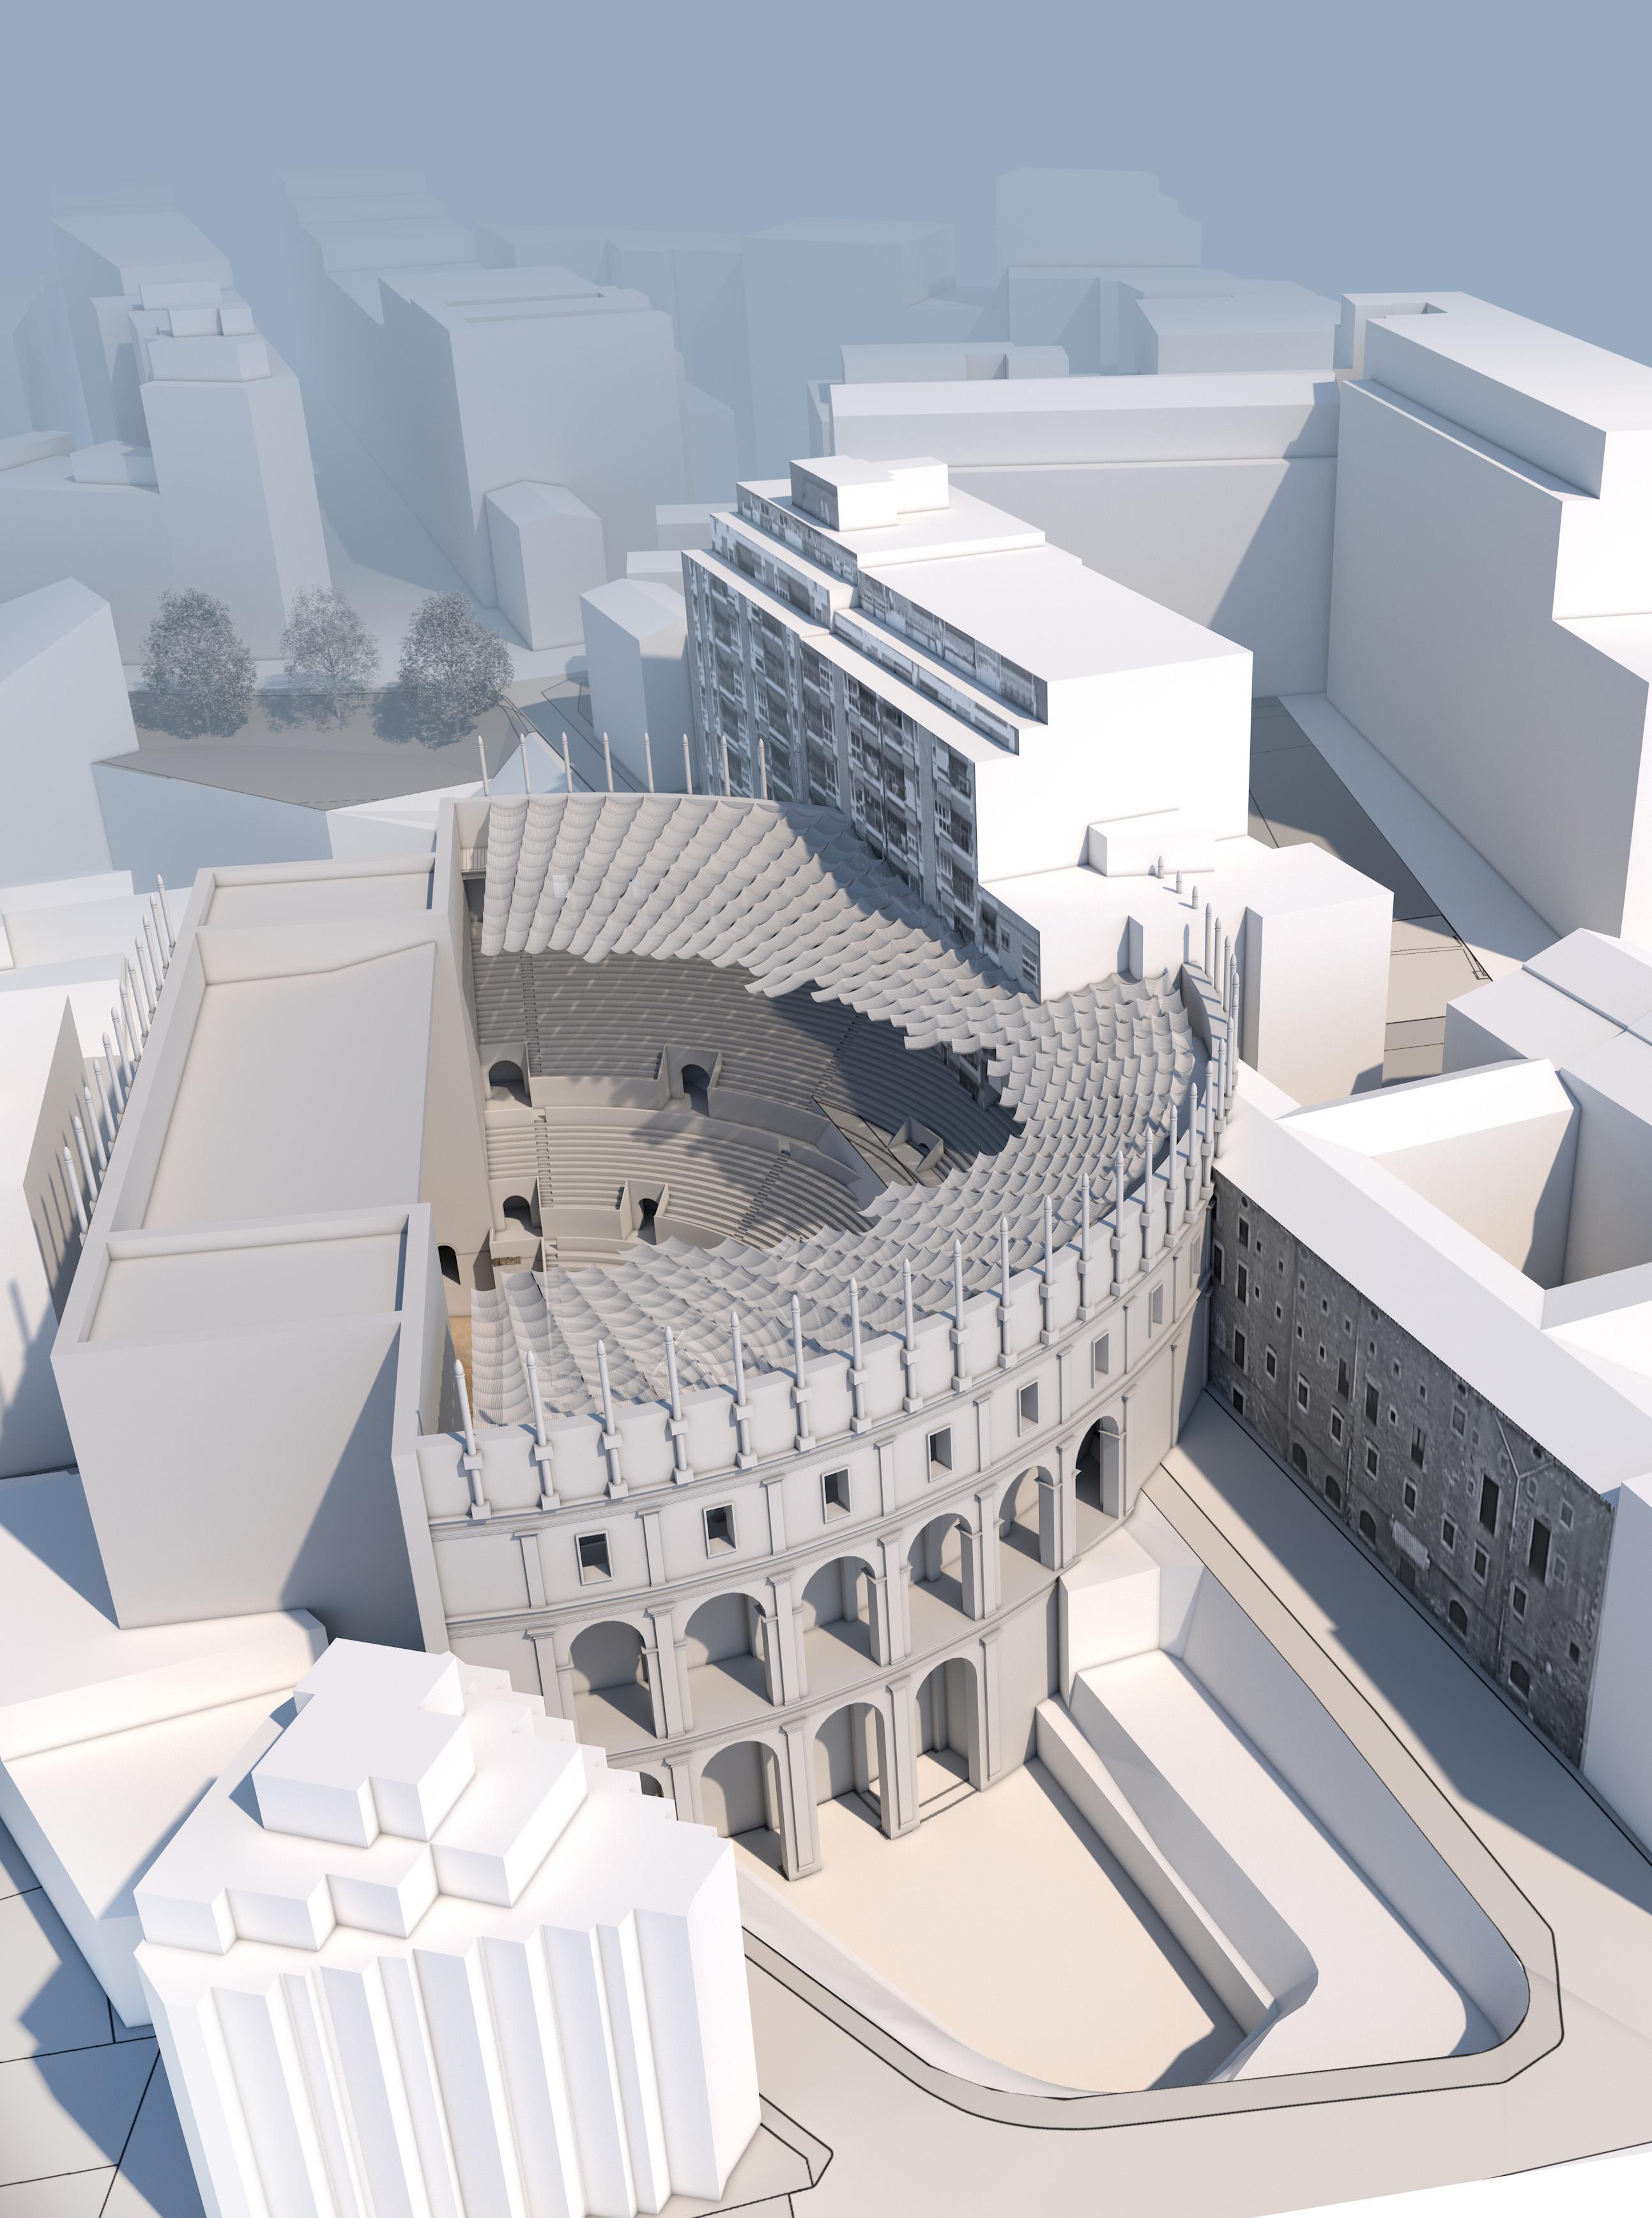 Recreació virtual en 3-D del Teatre Romà de Tàrraco a l'espai actual que ocuparia a la ciutat.